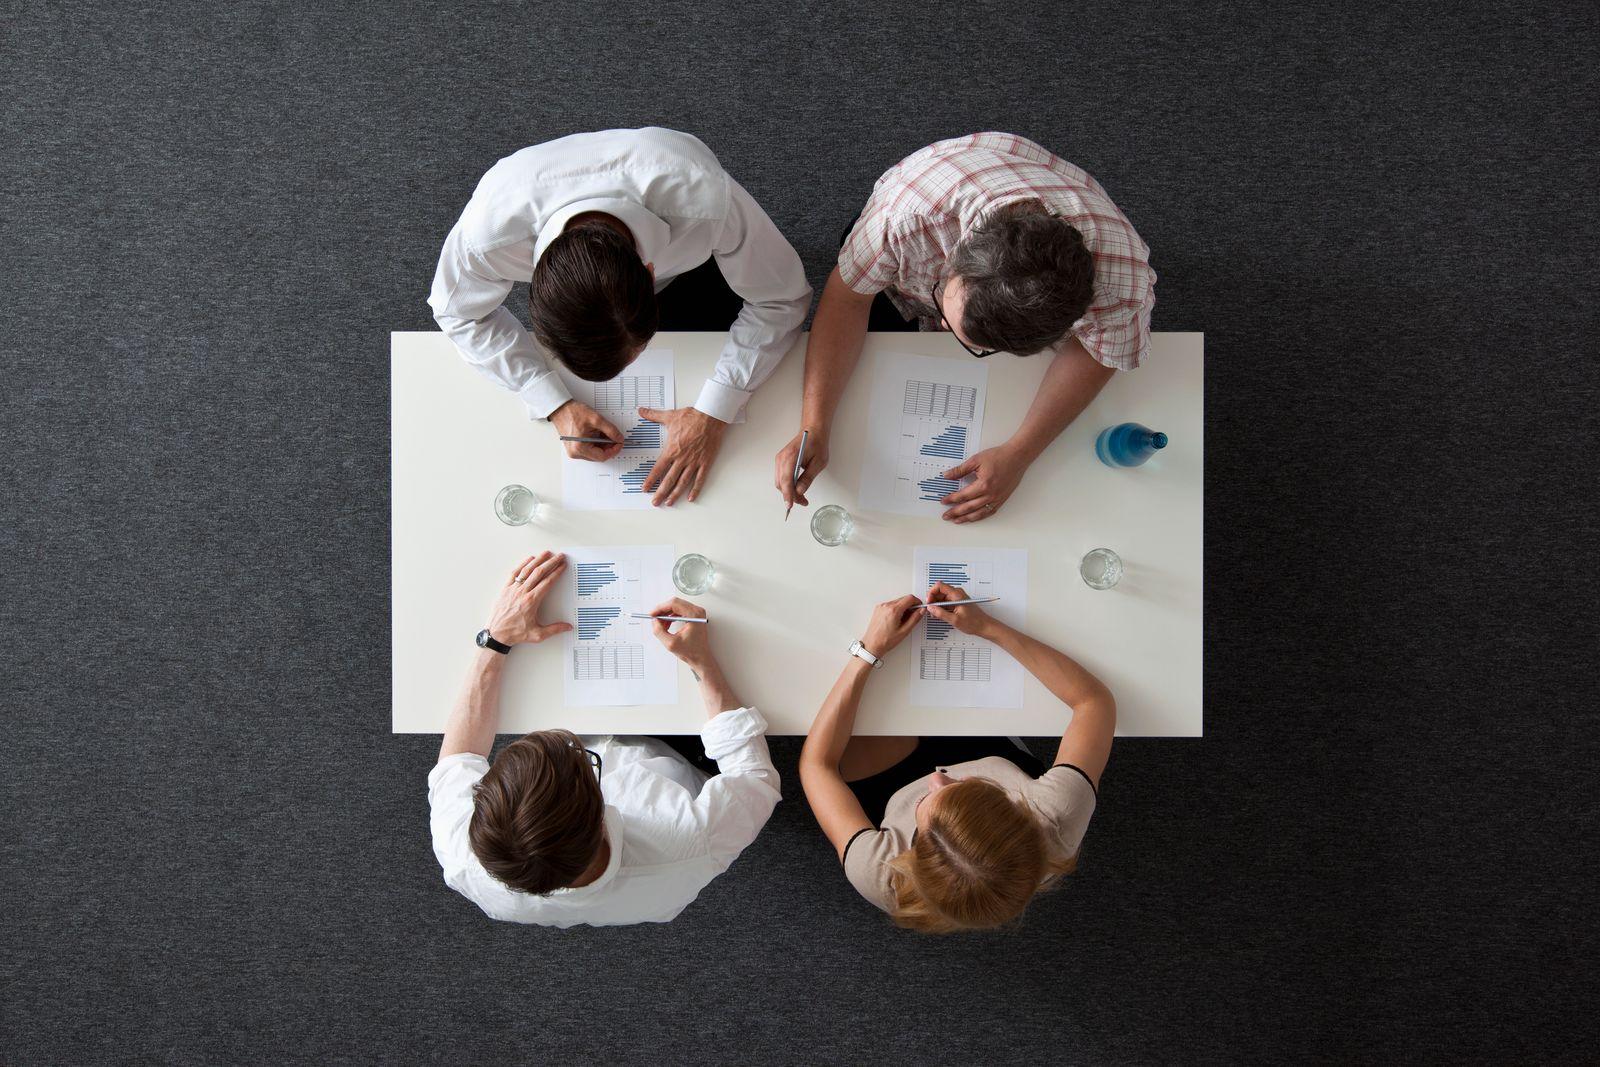 NICHT MEHR VERWENDEN! - Brainstorming / Meeting / Konferenz